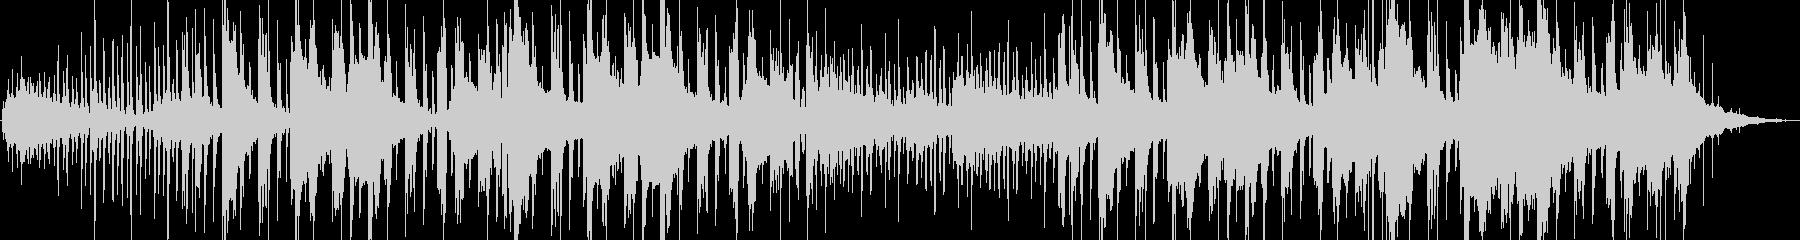 トラップ ヒップホップ レトロ ポ...の未再生の波形